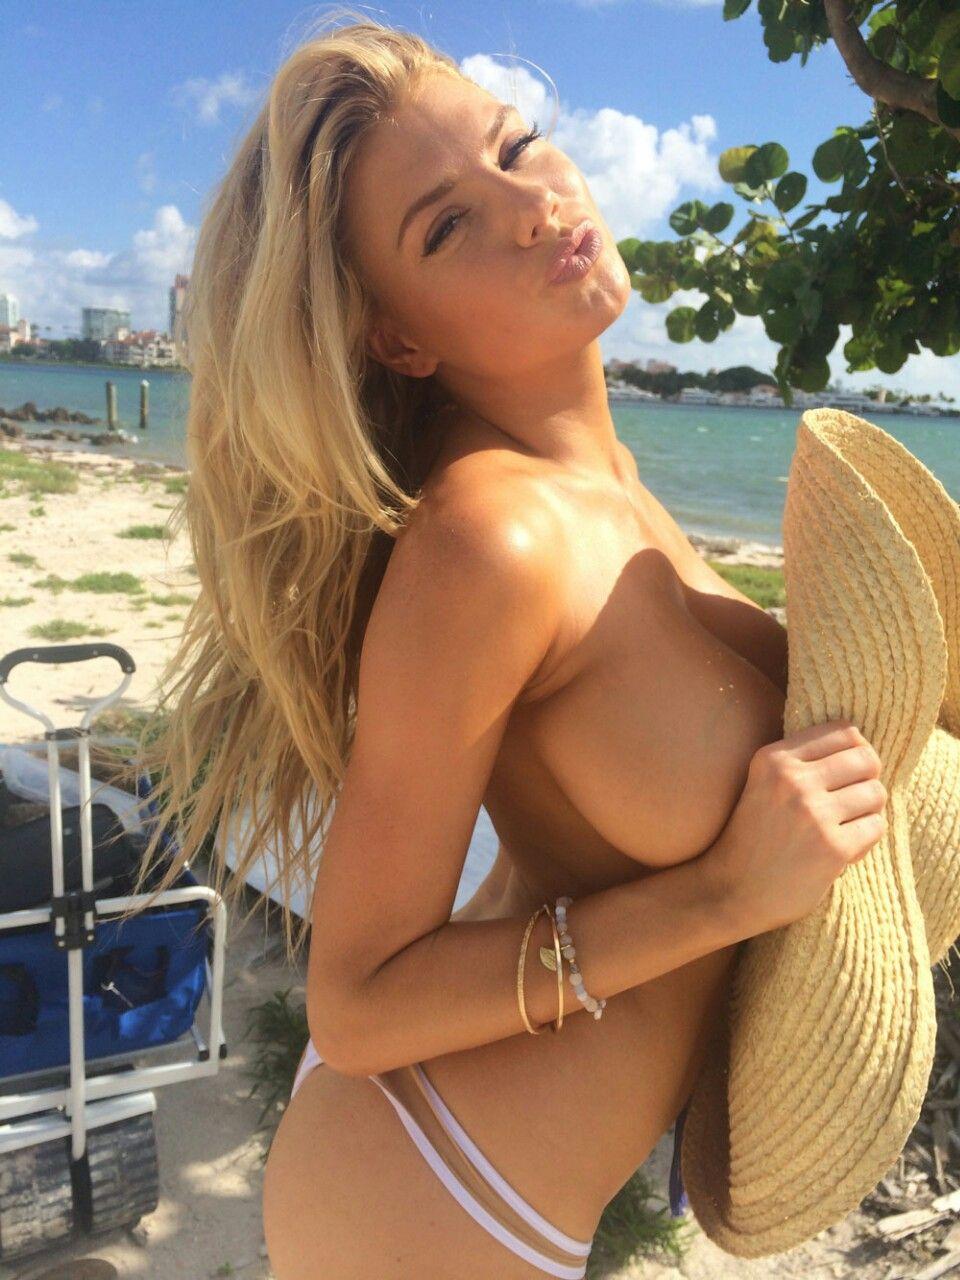 Charlotte McKinney nude leaked pics